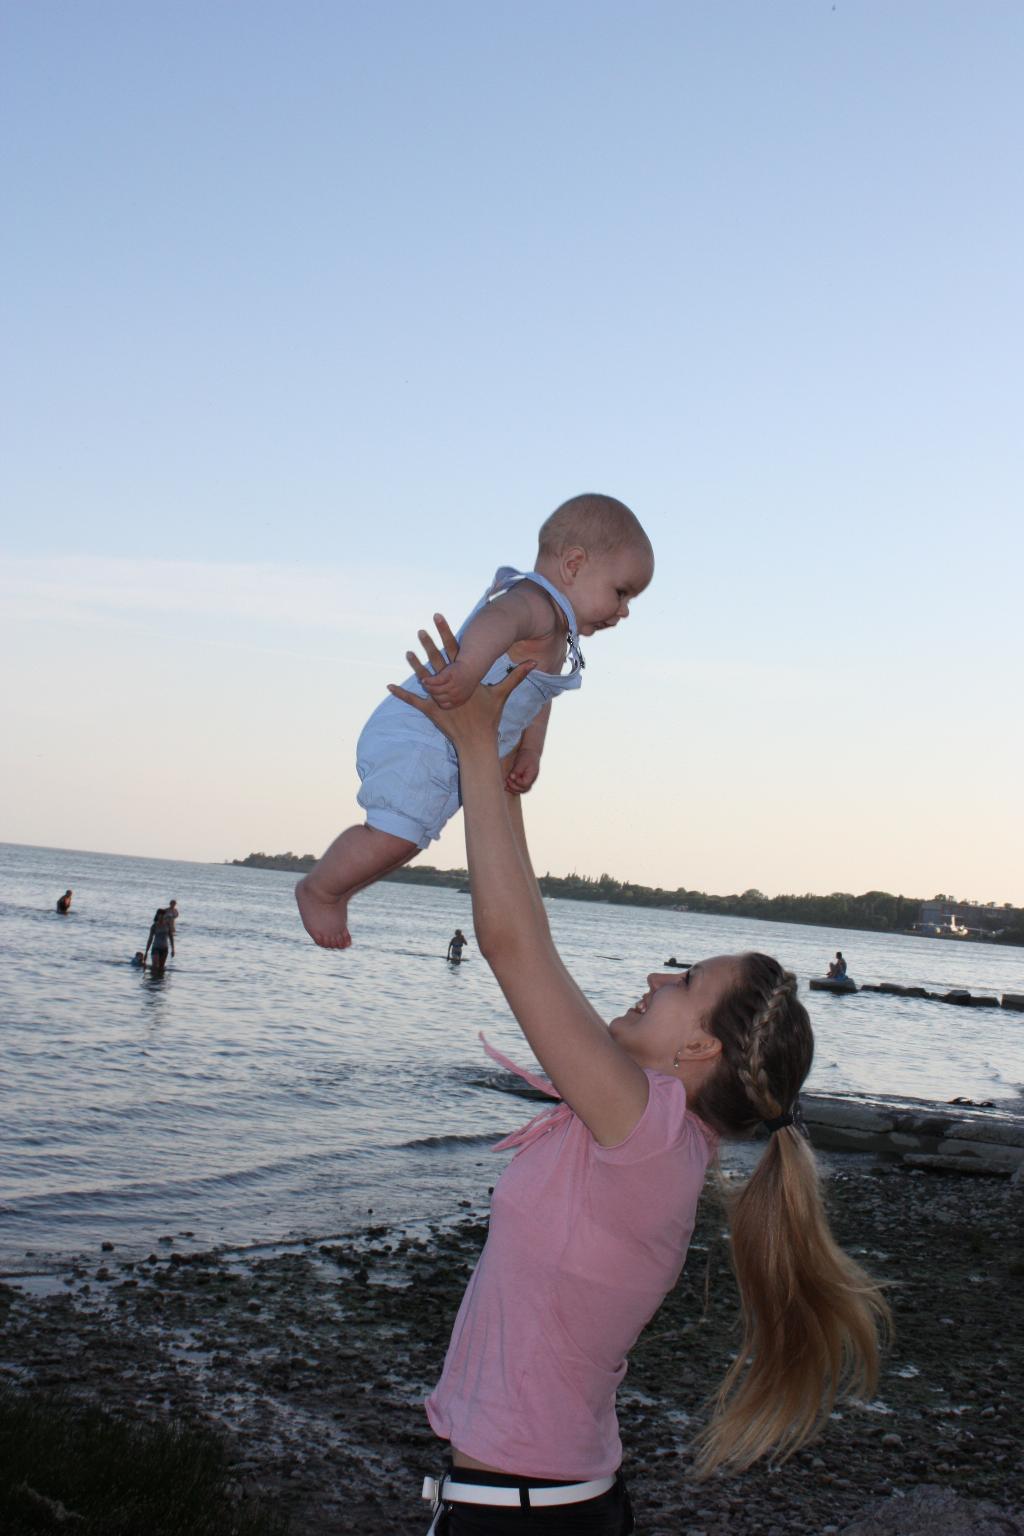 Полетаем с мамочкой. С мамой на прогулке